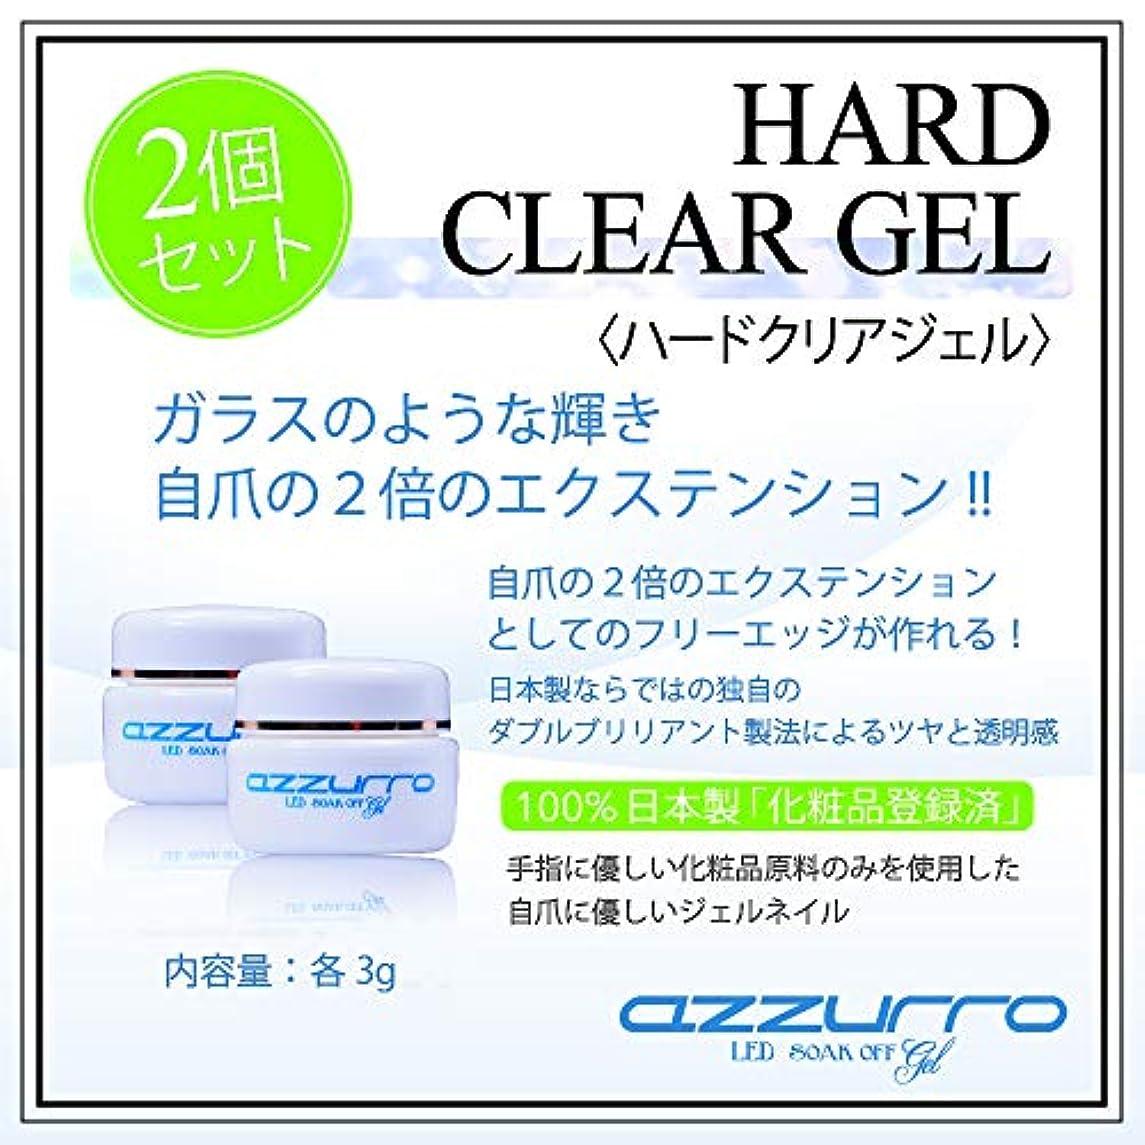 病気だと思う大気モバイルazzurro gel アッズーロハードクリアージェル 3g お得な2個セット キラキラ感持続 抜群のツヤ